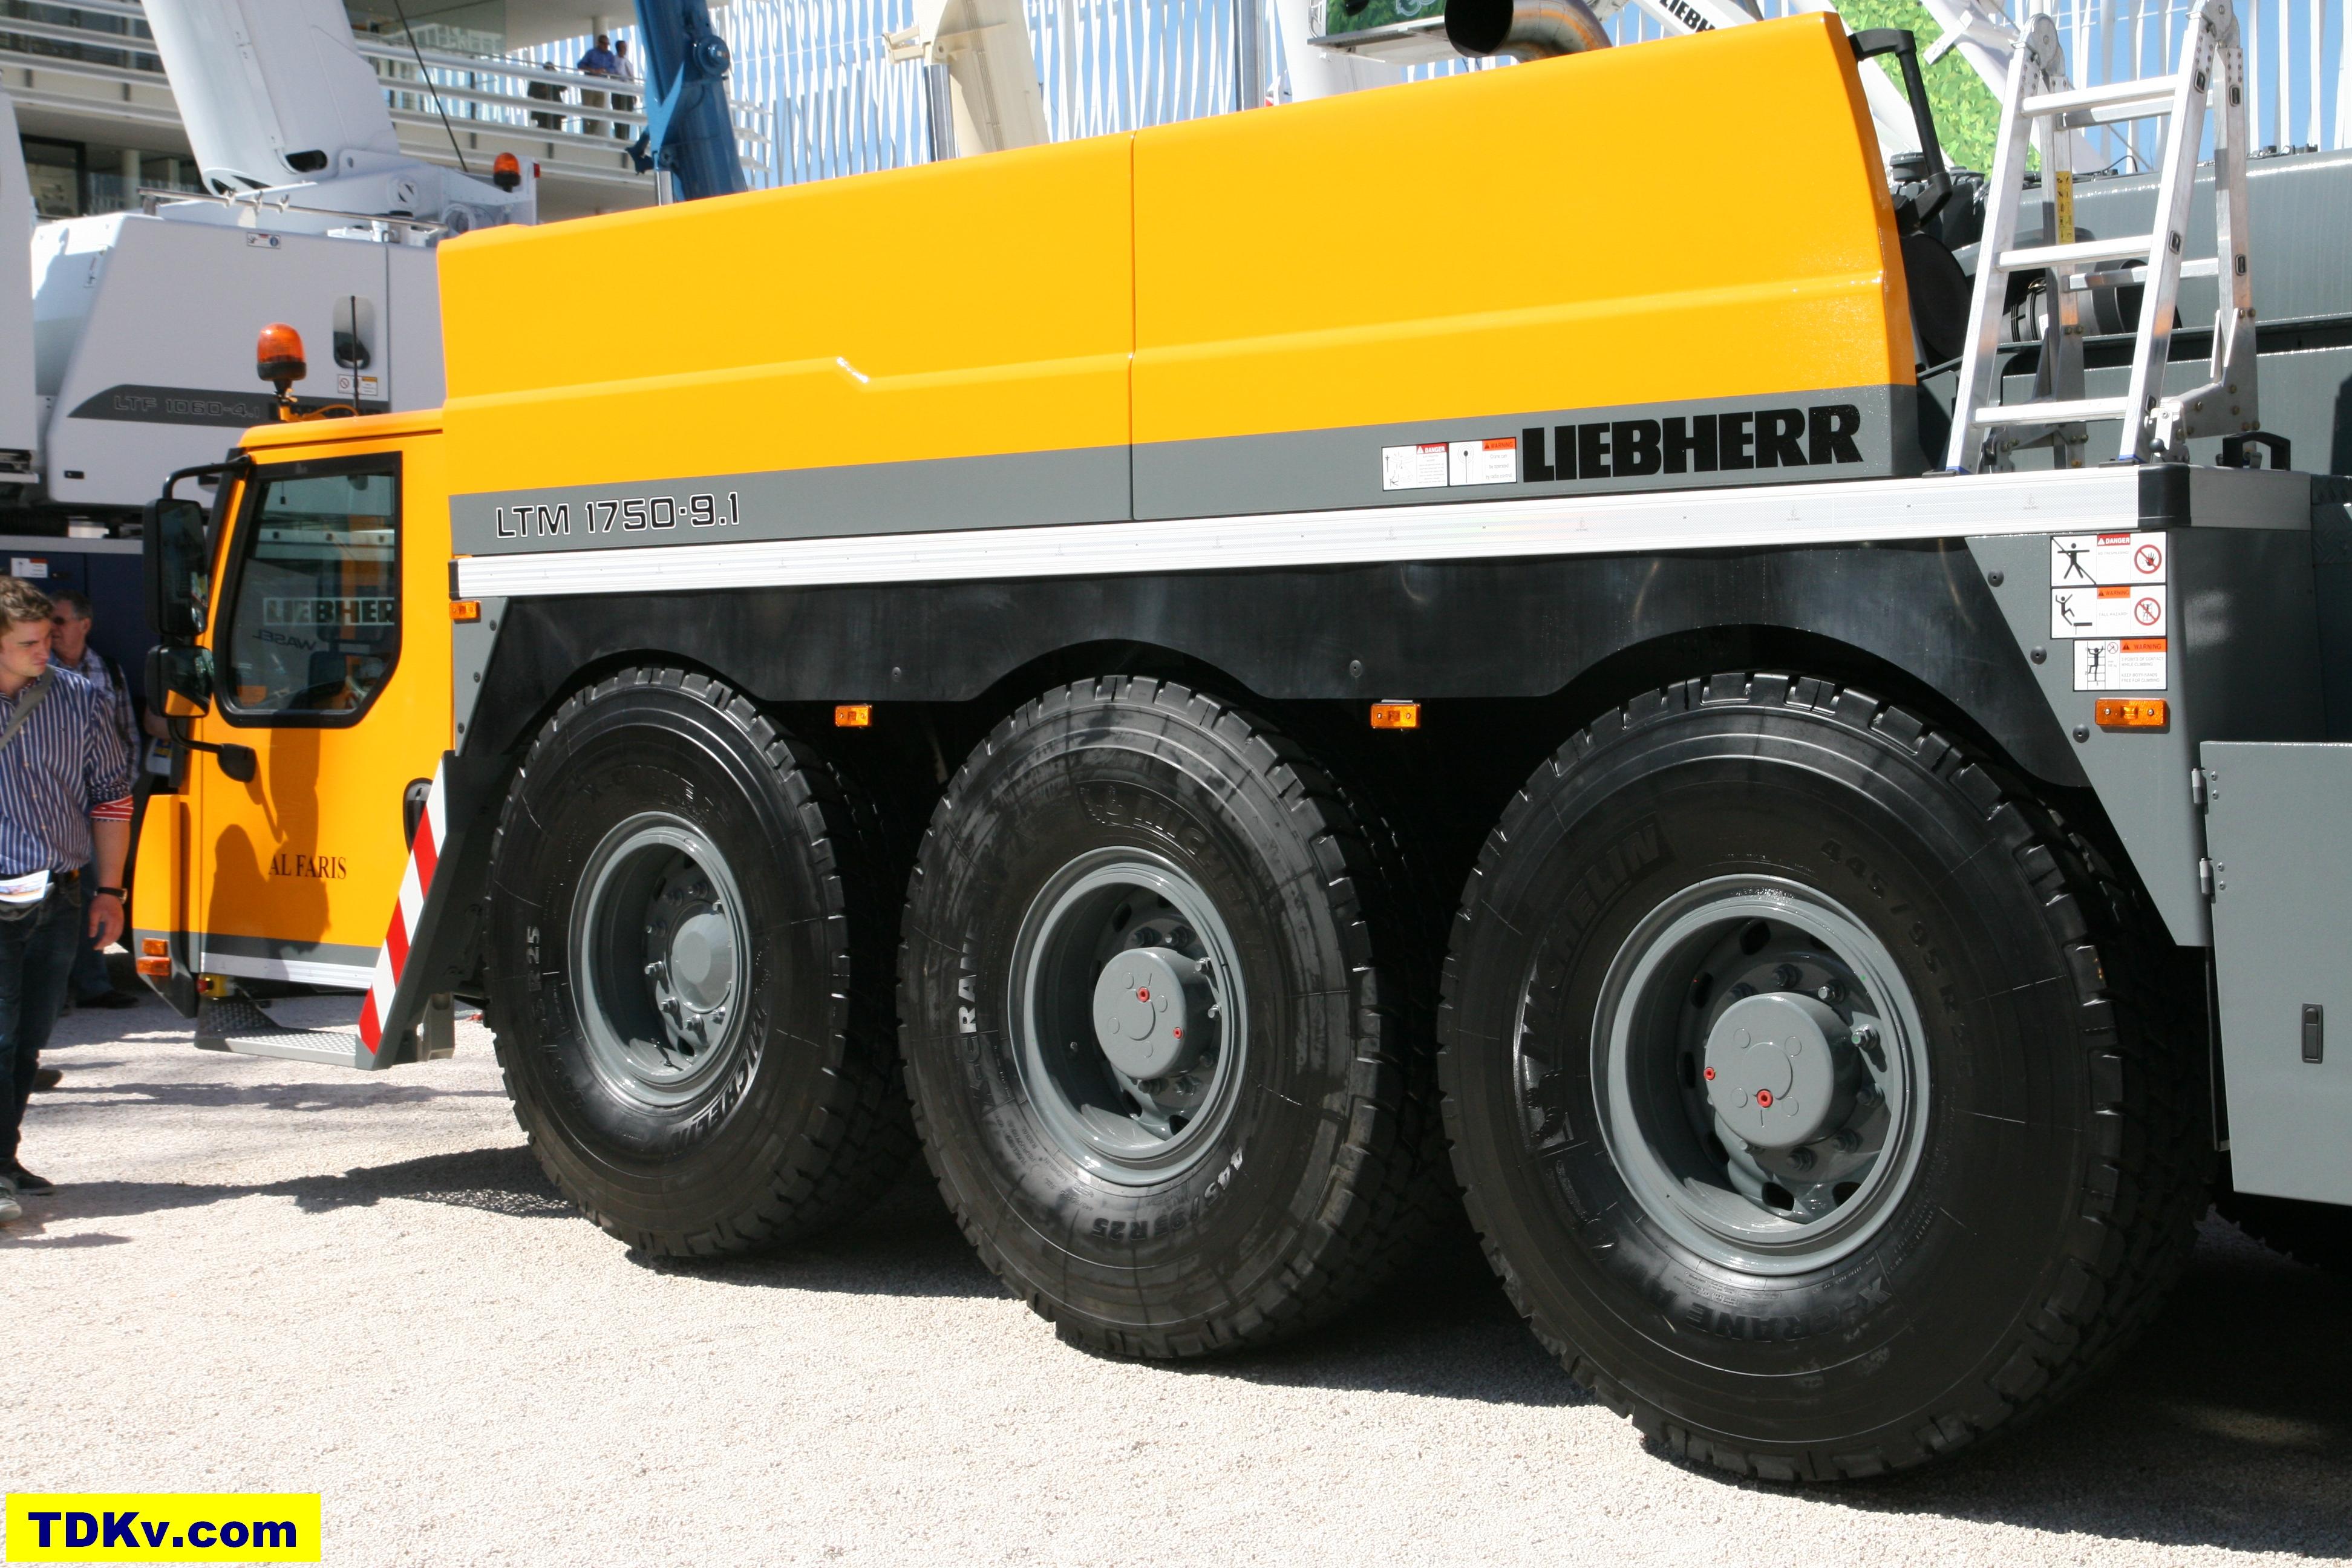 Liebherr LTM 1750-9.1